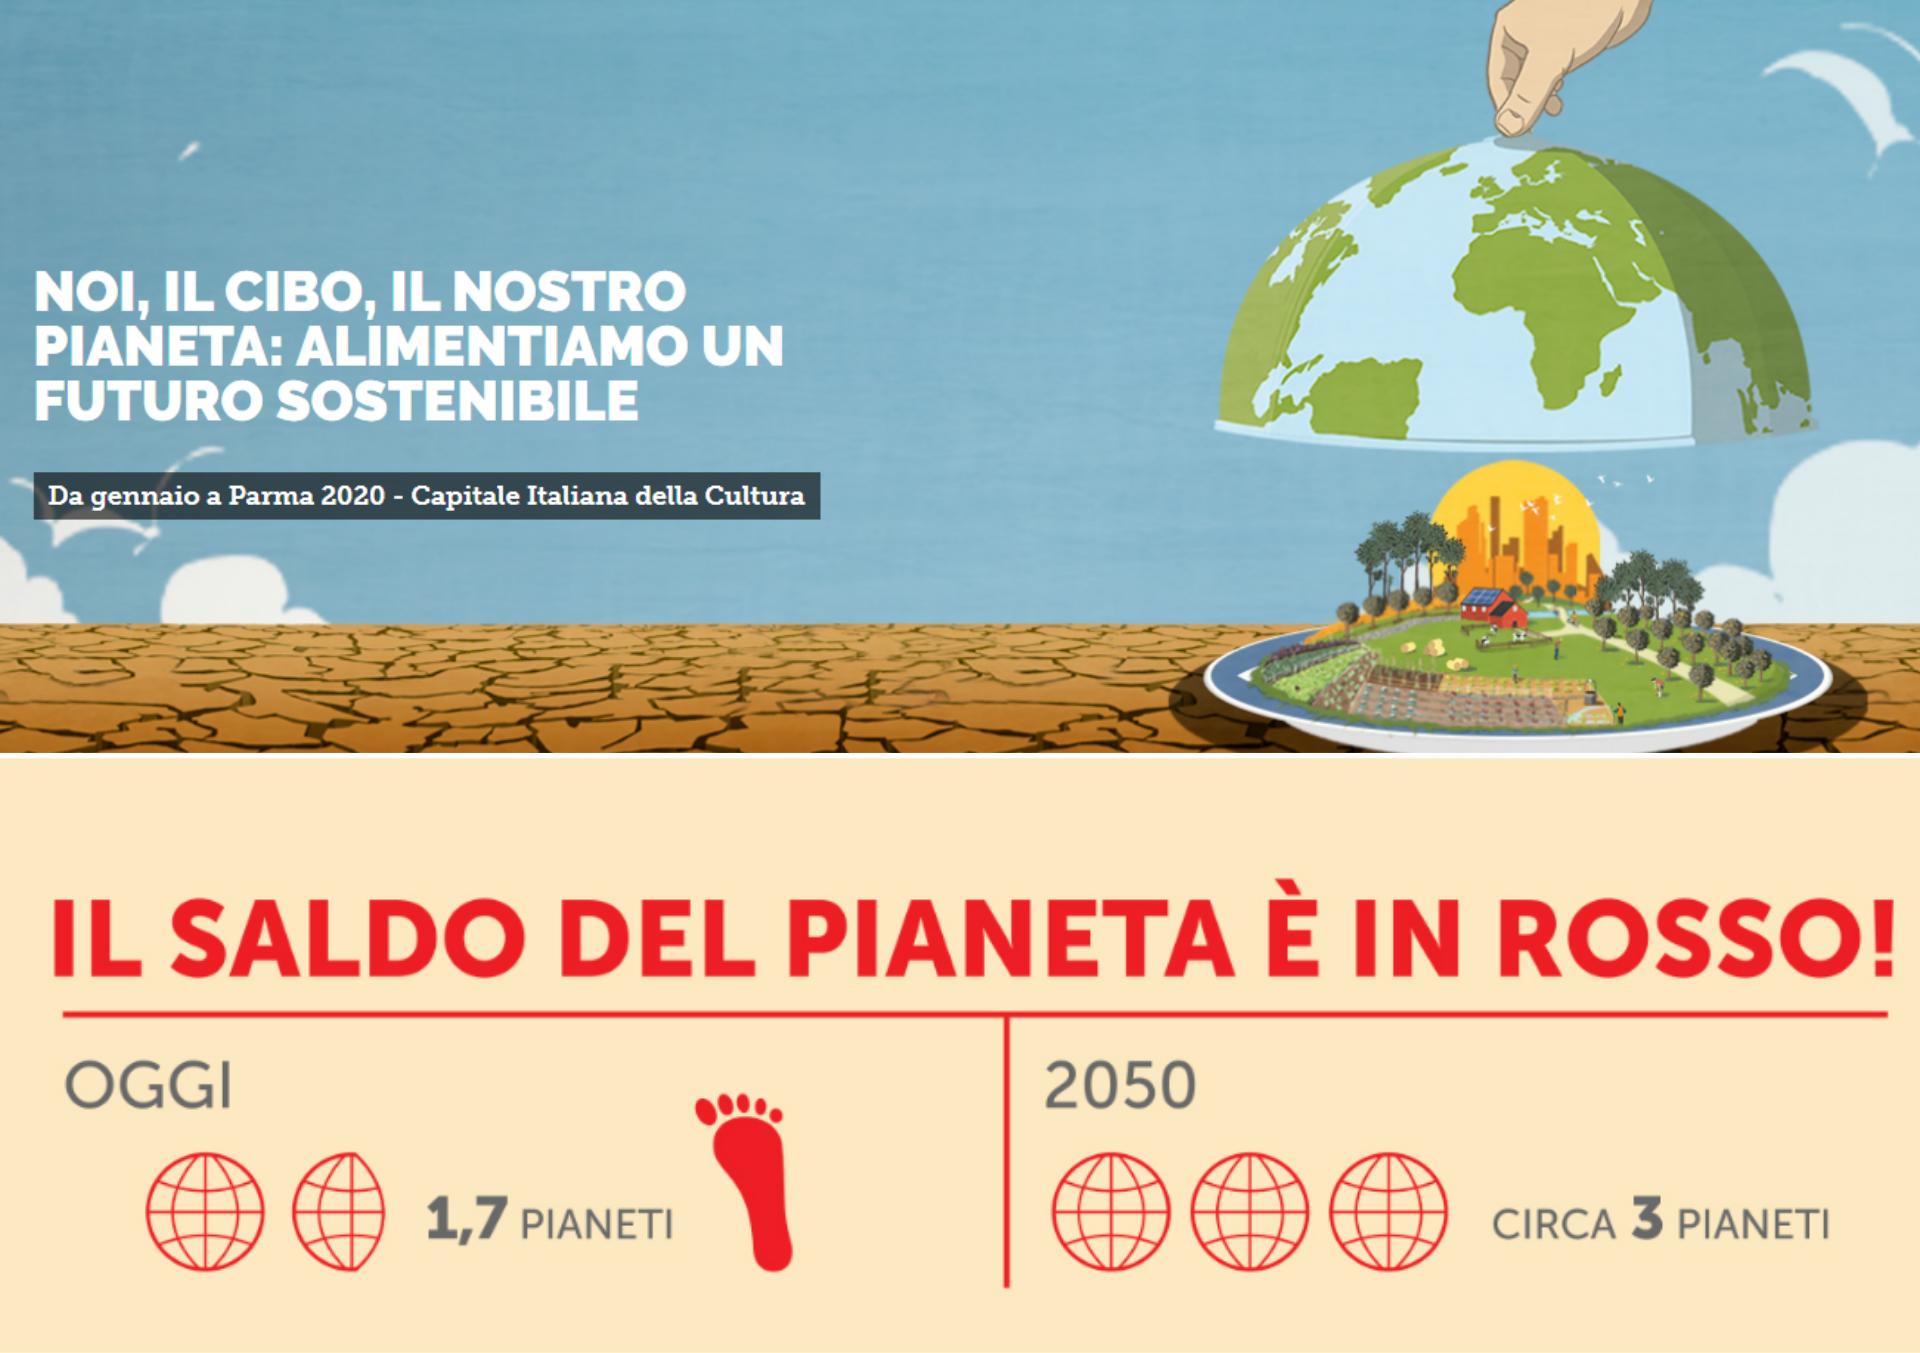 mostra esperenziale, noi, il cibo, il pianeta